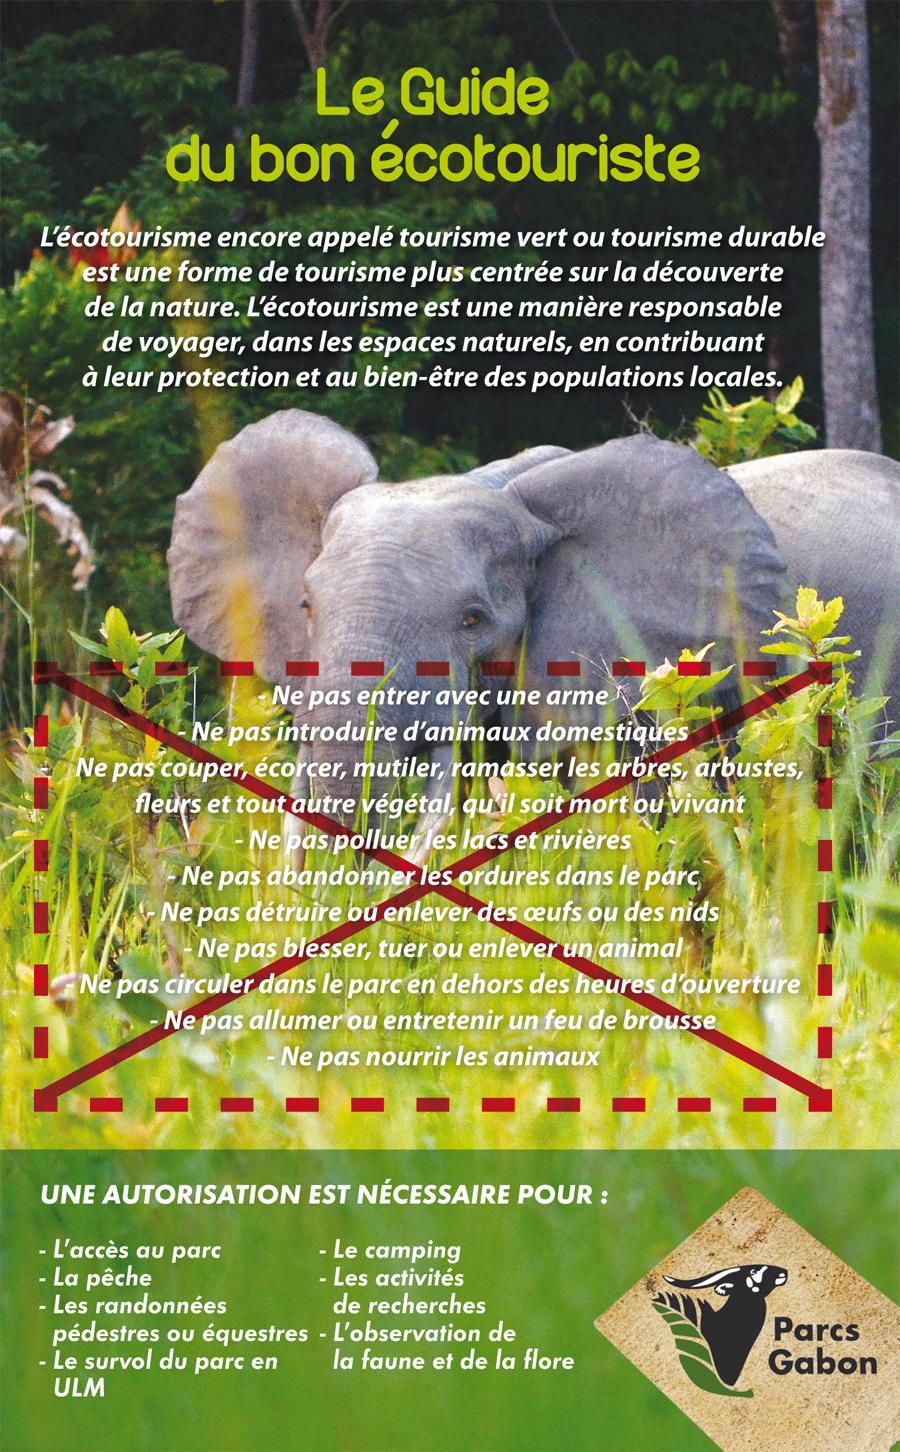 Le Guide du bon écotouriste